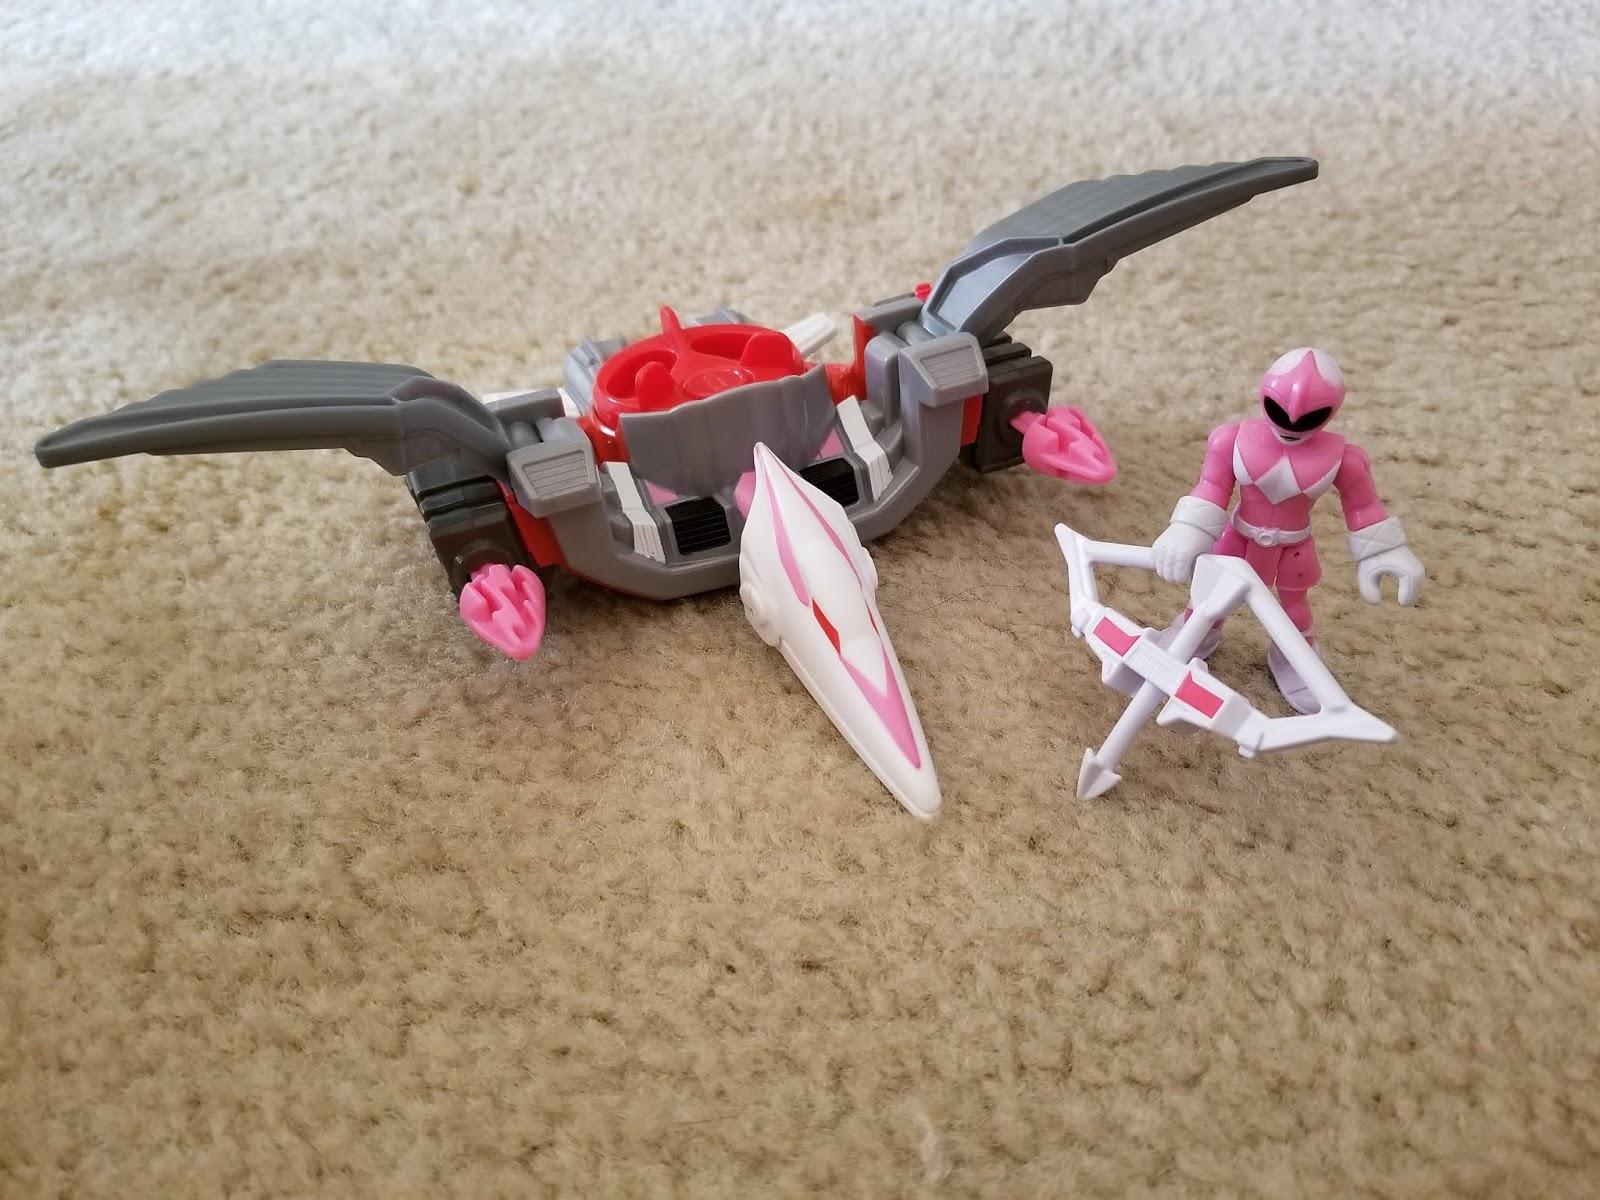 NEUF * Imaginext Power Rangers-Rose Ranger et ptérodactyle Zord